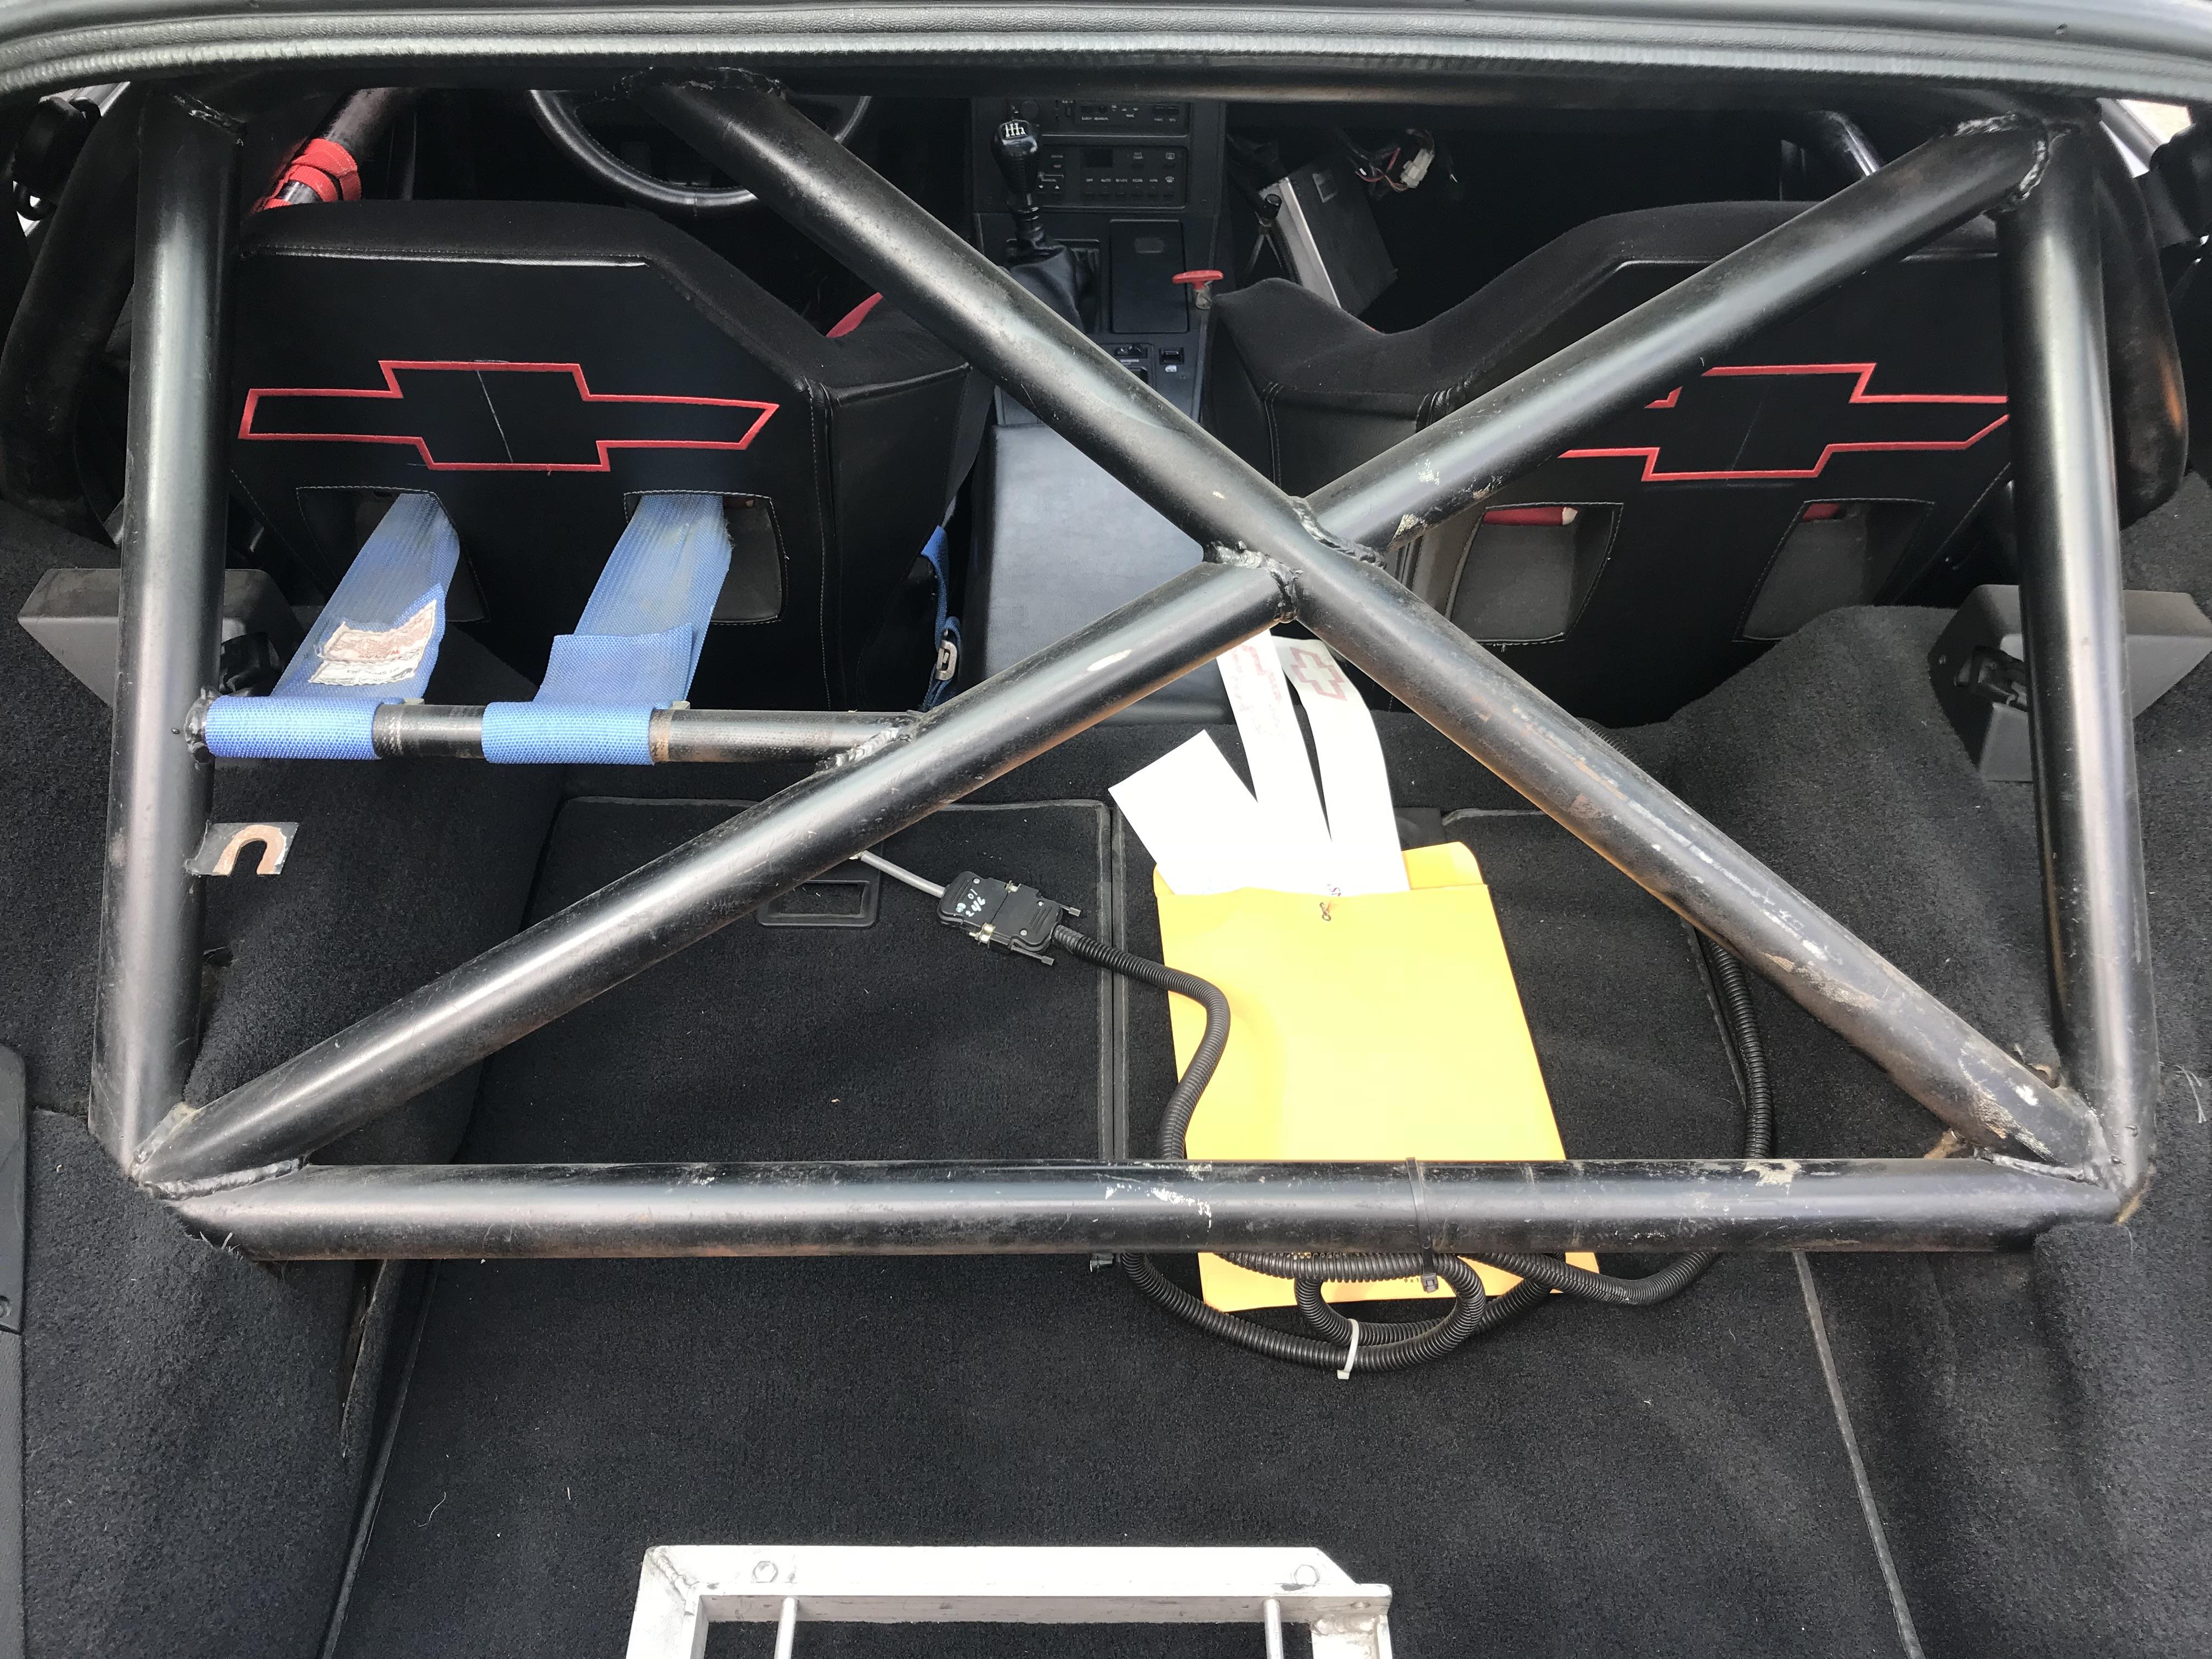 1989 Corvette Challenge Race Car